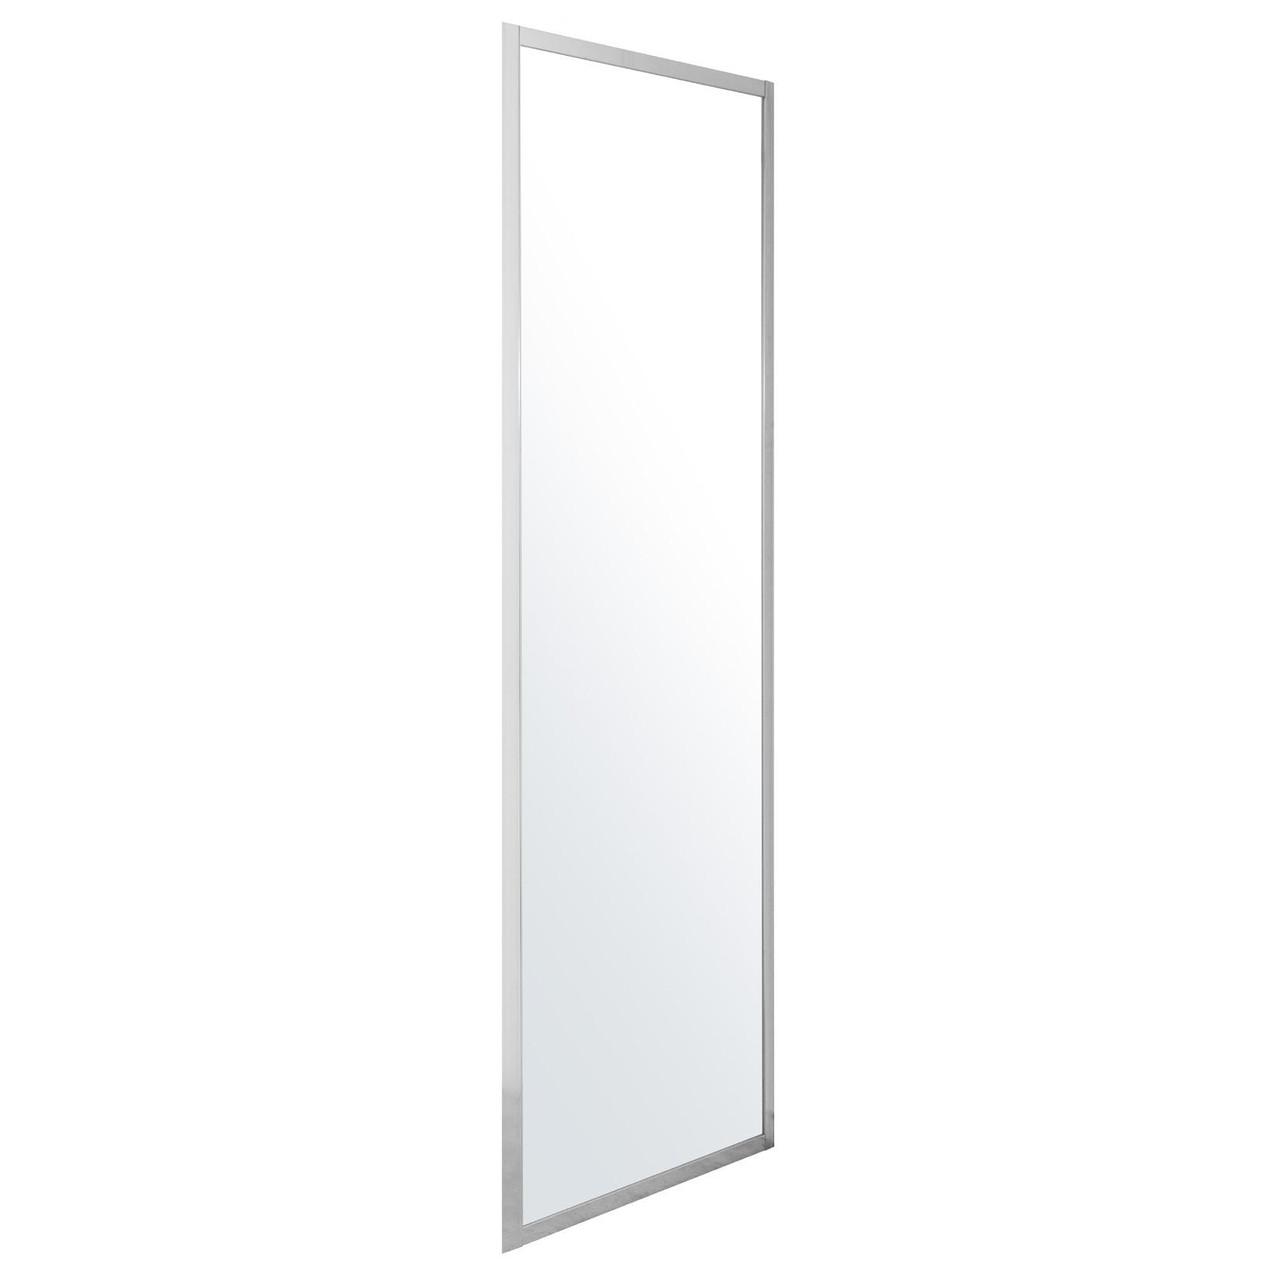 Нужно дешевле? Звоните. Eger Боковая стенка 80*195 см, для комплектации с дверьми 599-153 (h)